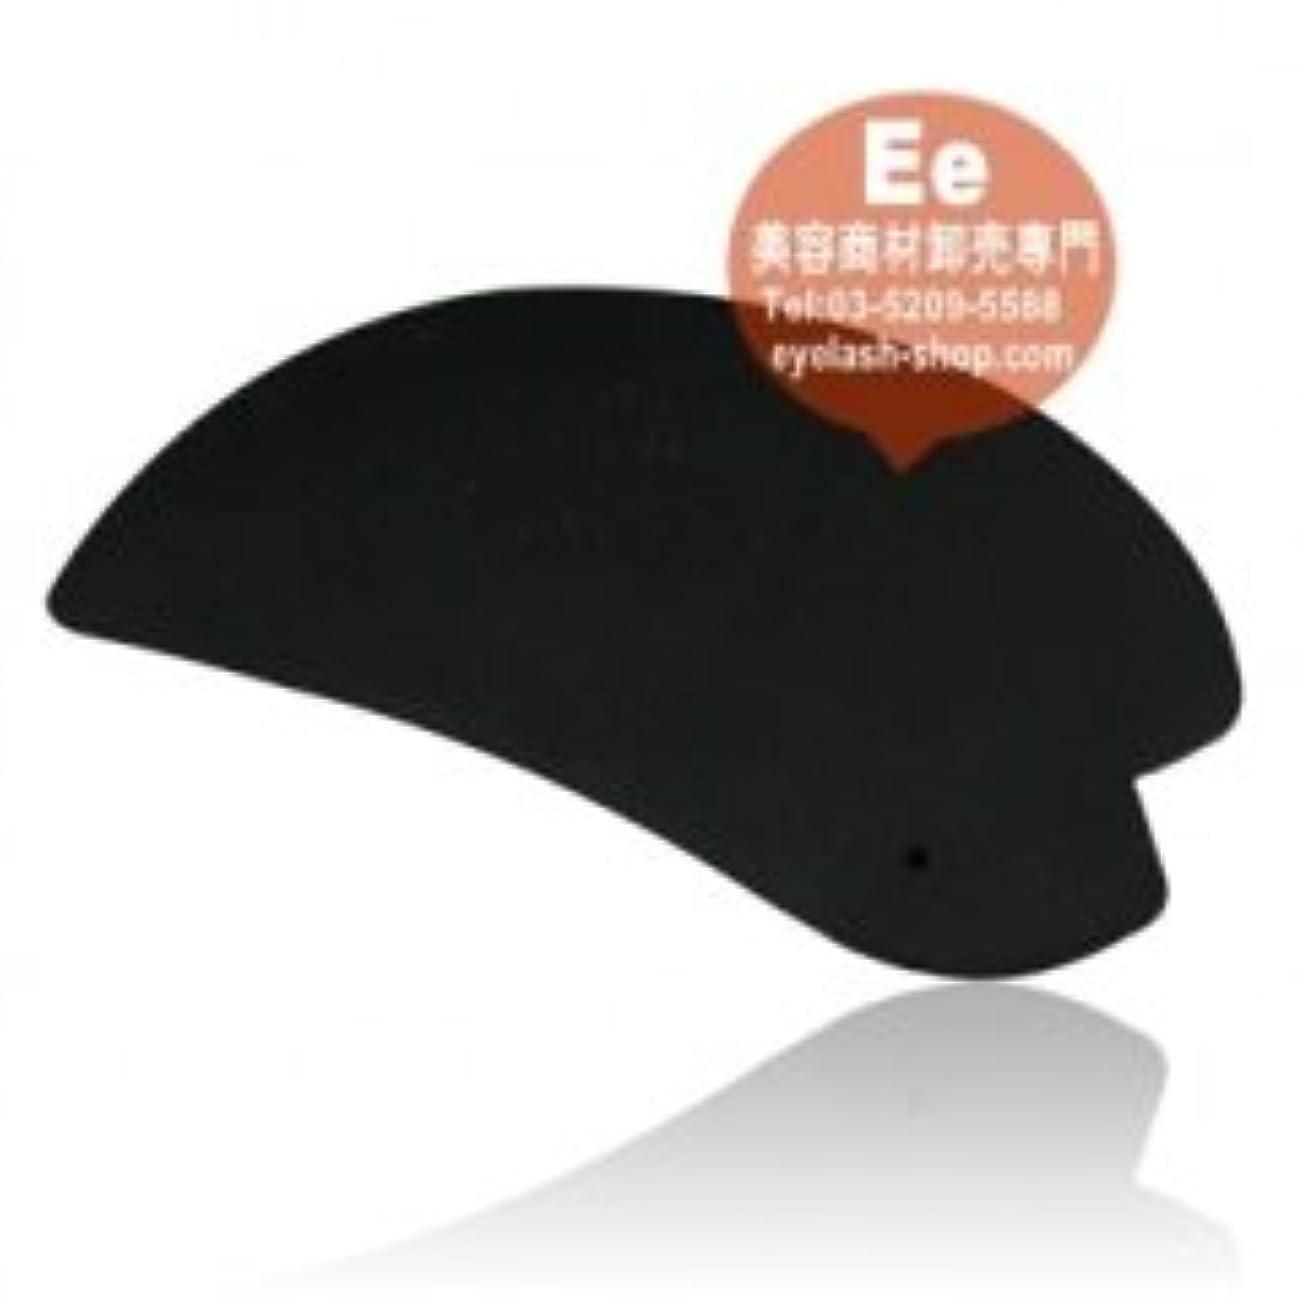 ドロップセッションご飯【100%本物保障】最高級天然石美容カッサプレート 天然石カッサ板 S-11